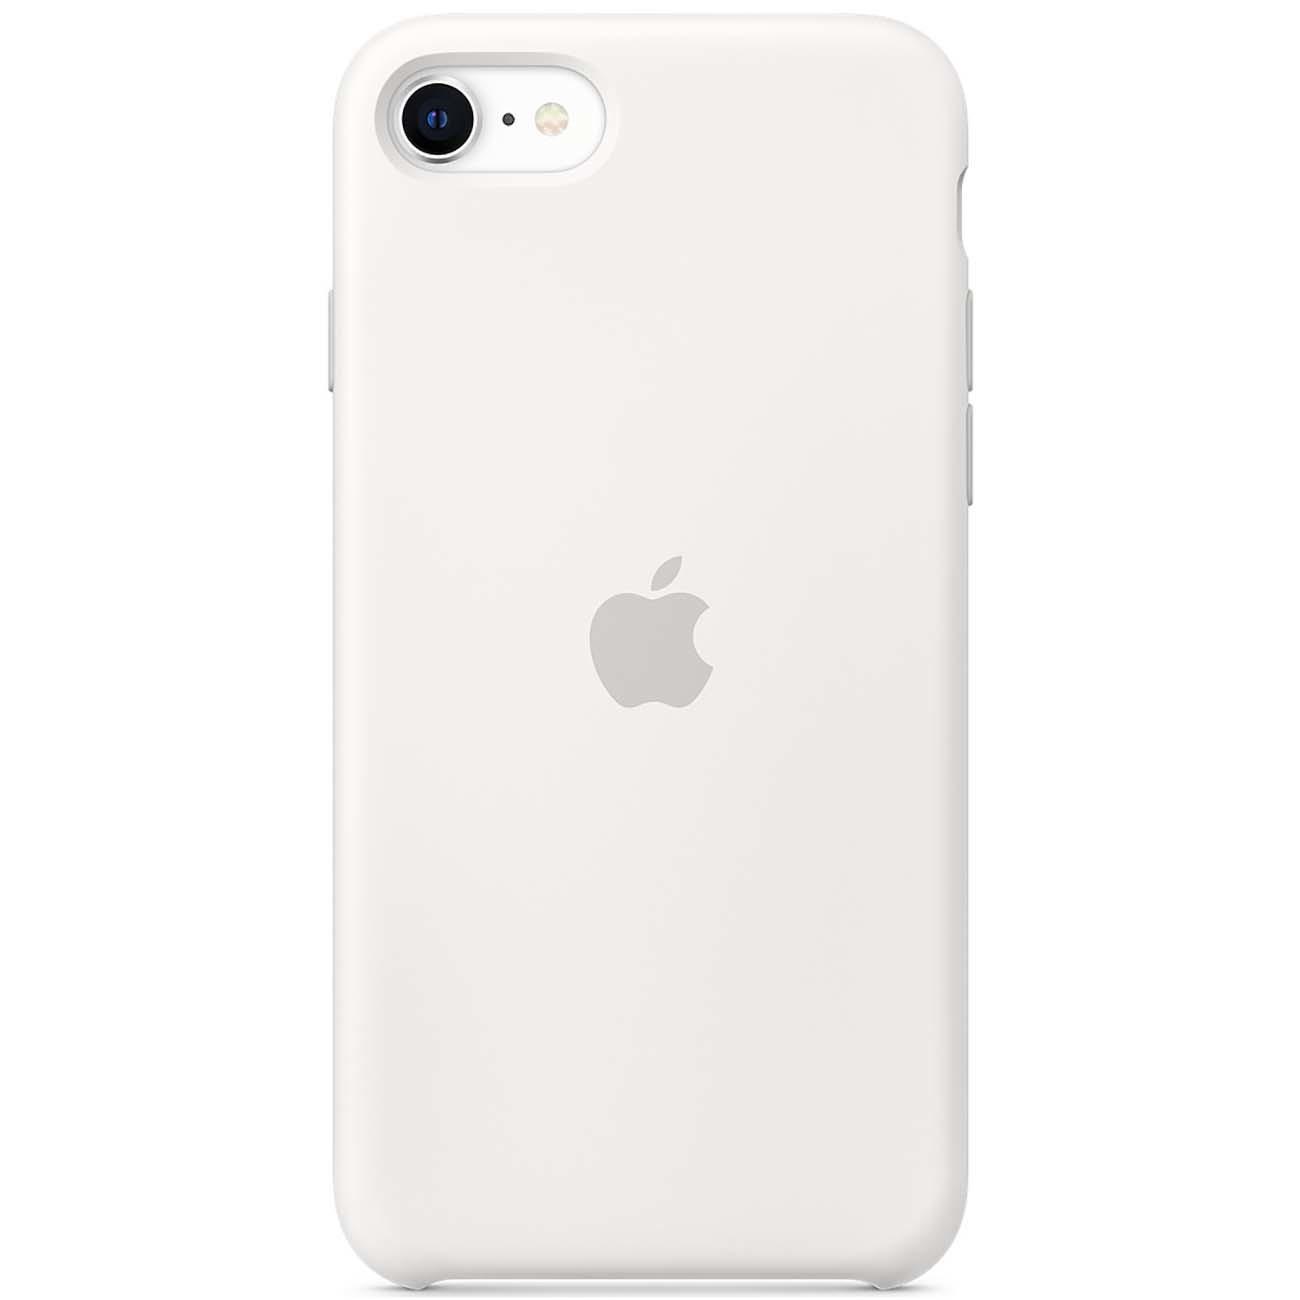 Чехол Apple iPhone SE 2020/7/8 Silicone Case White (9)